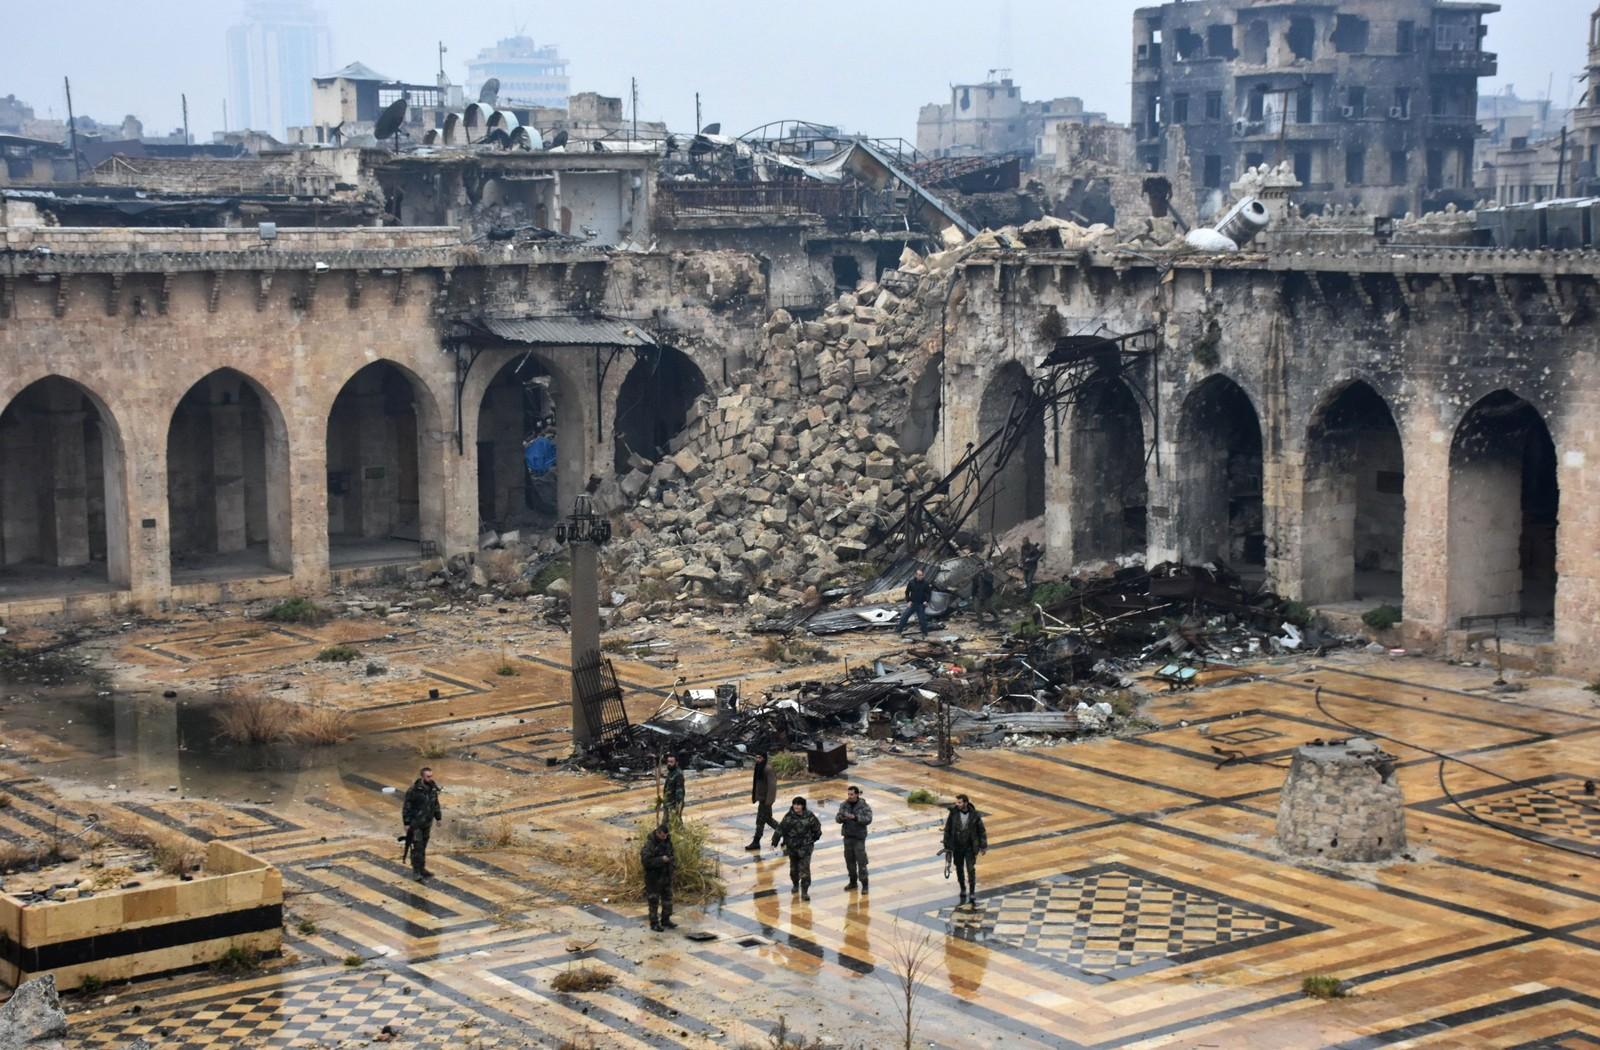 Syriske soldater ved ruinene av en gammel moké i Aleppo 13. desember etter at de har tatt kontroll over området.